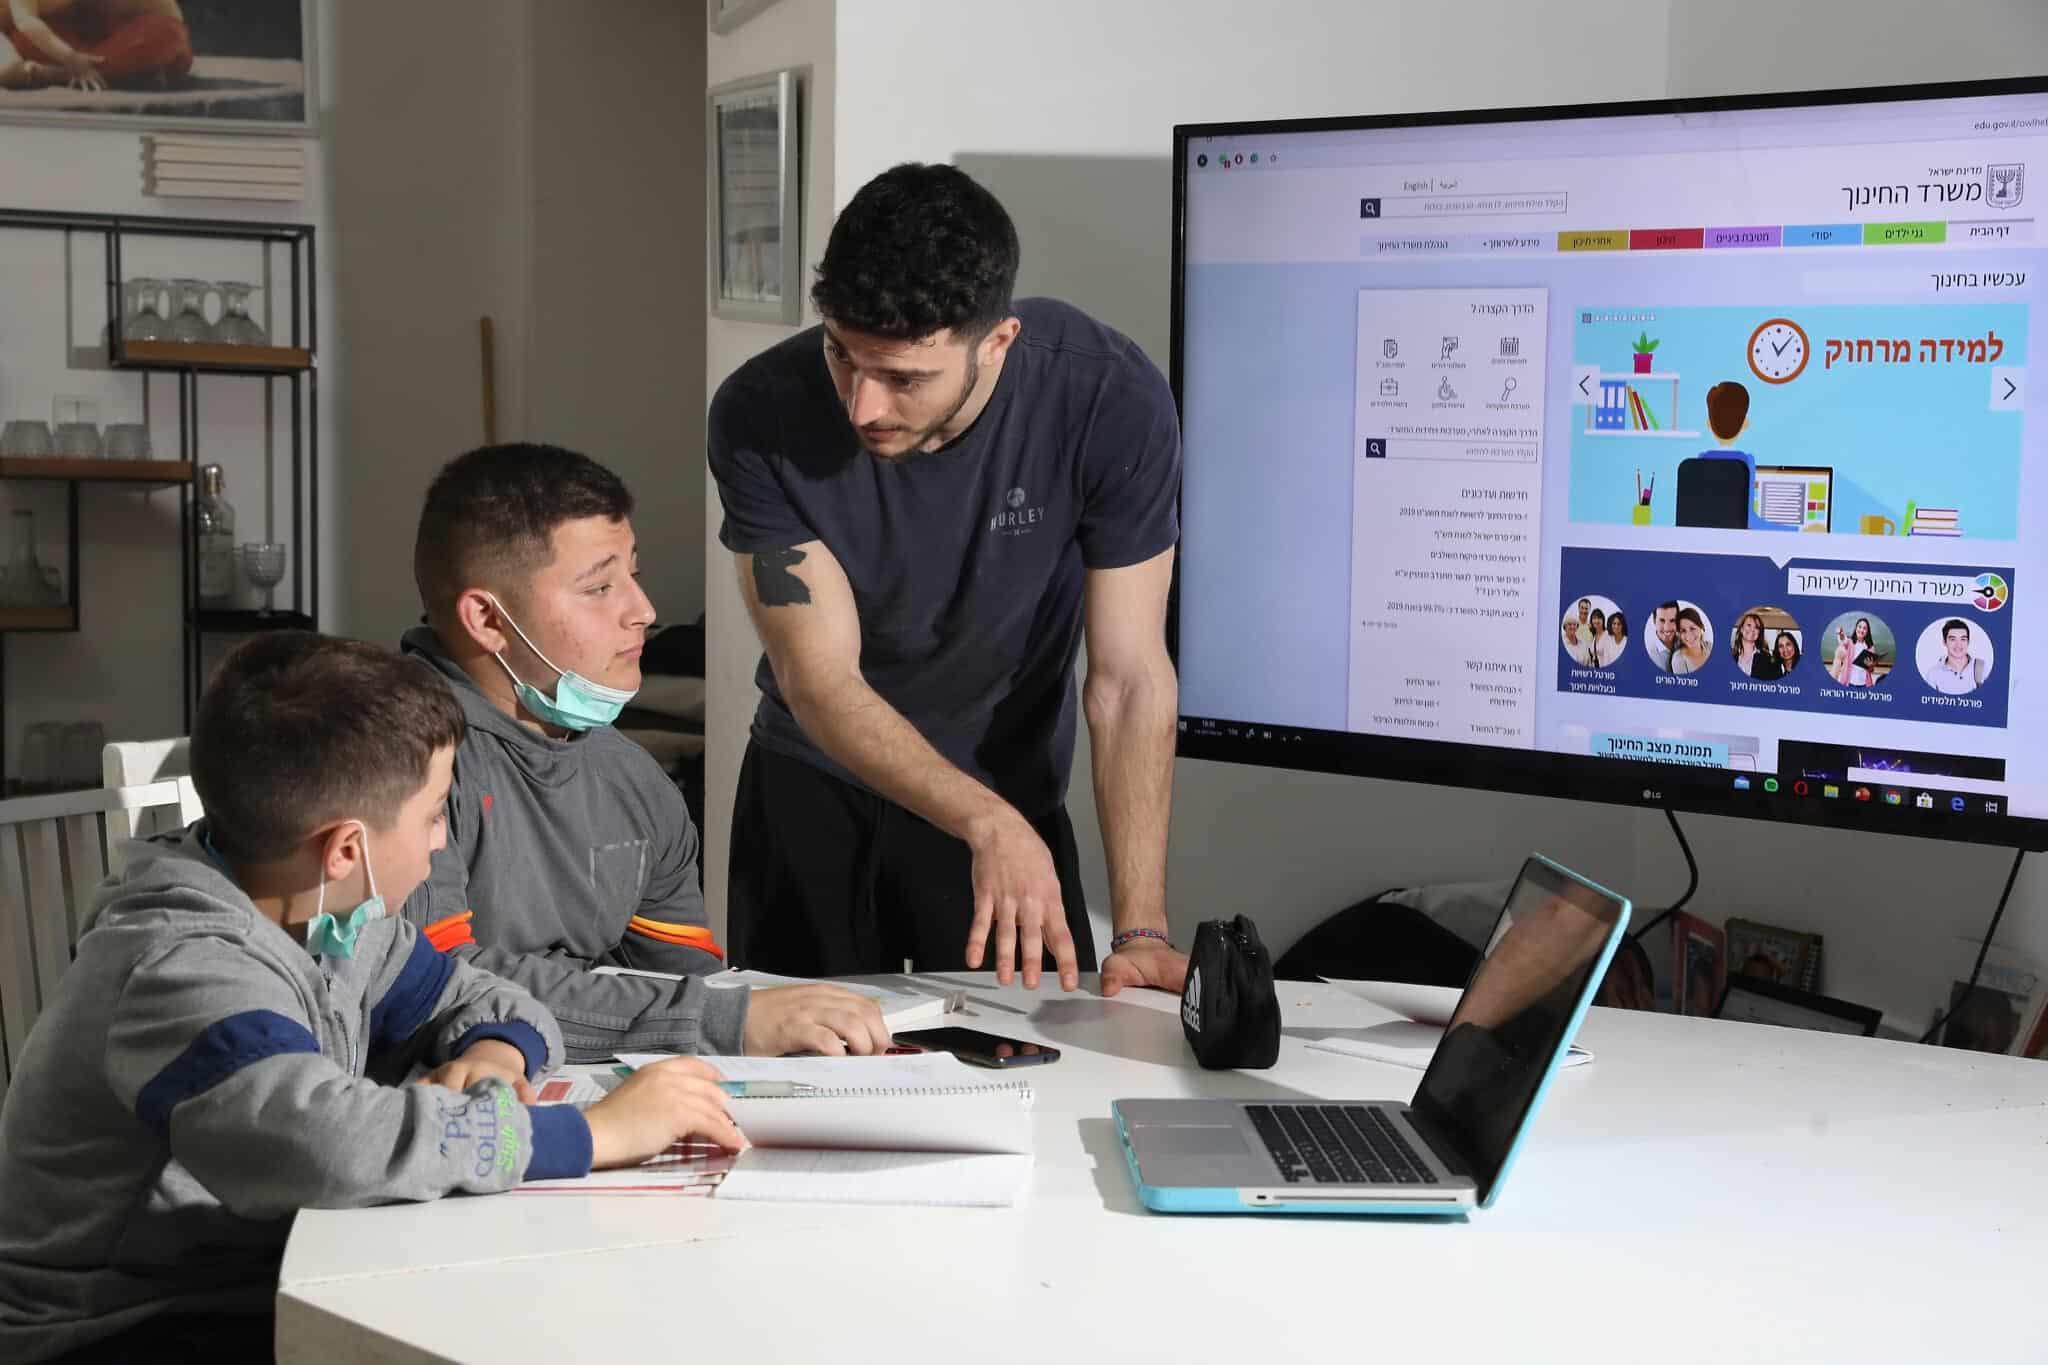 Пример дистанционного обучения в Мошав-Яшреш фото